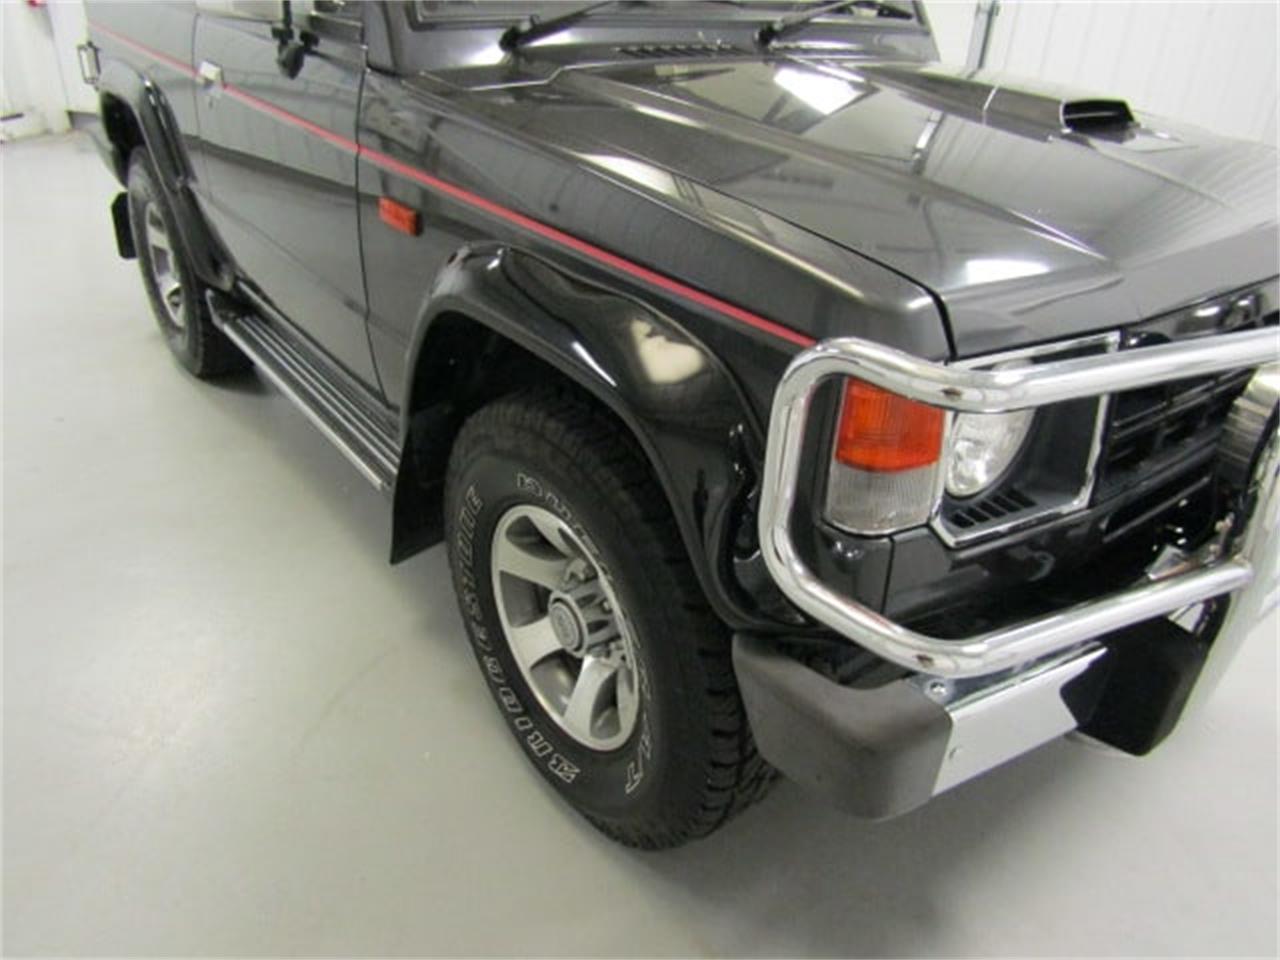 Large Picture of 1989 Mitsubishi Pajero - $8,900.00 - LI1X